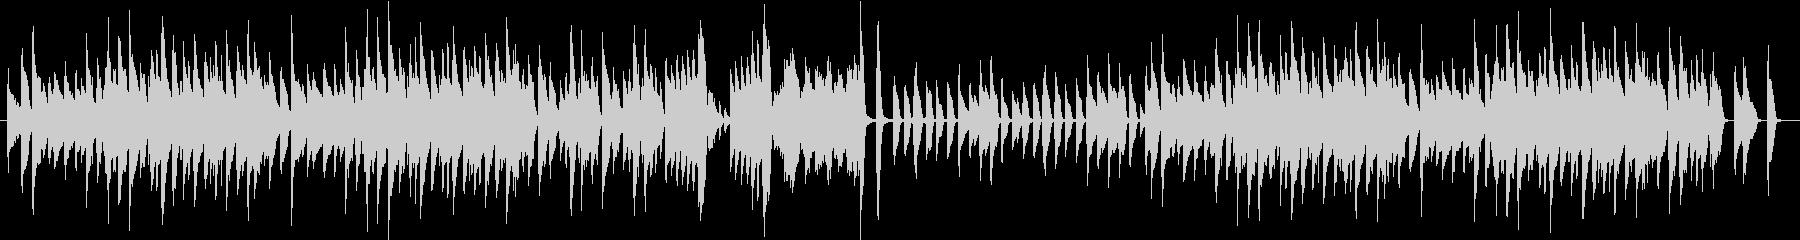 ちょっとノスタルジックなピアノ曲の未再生の波形